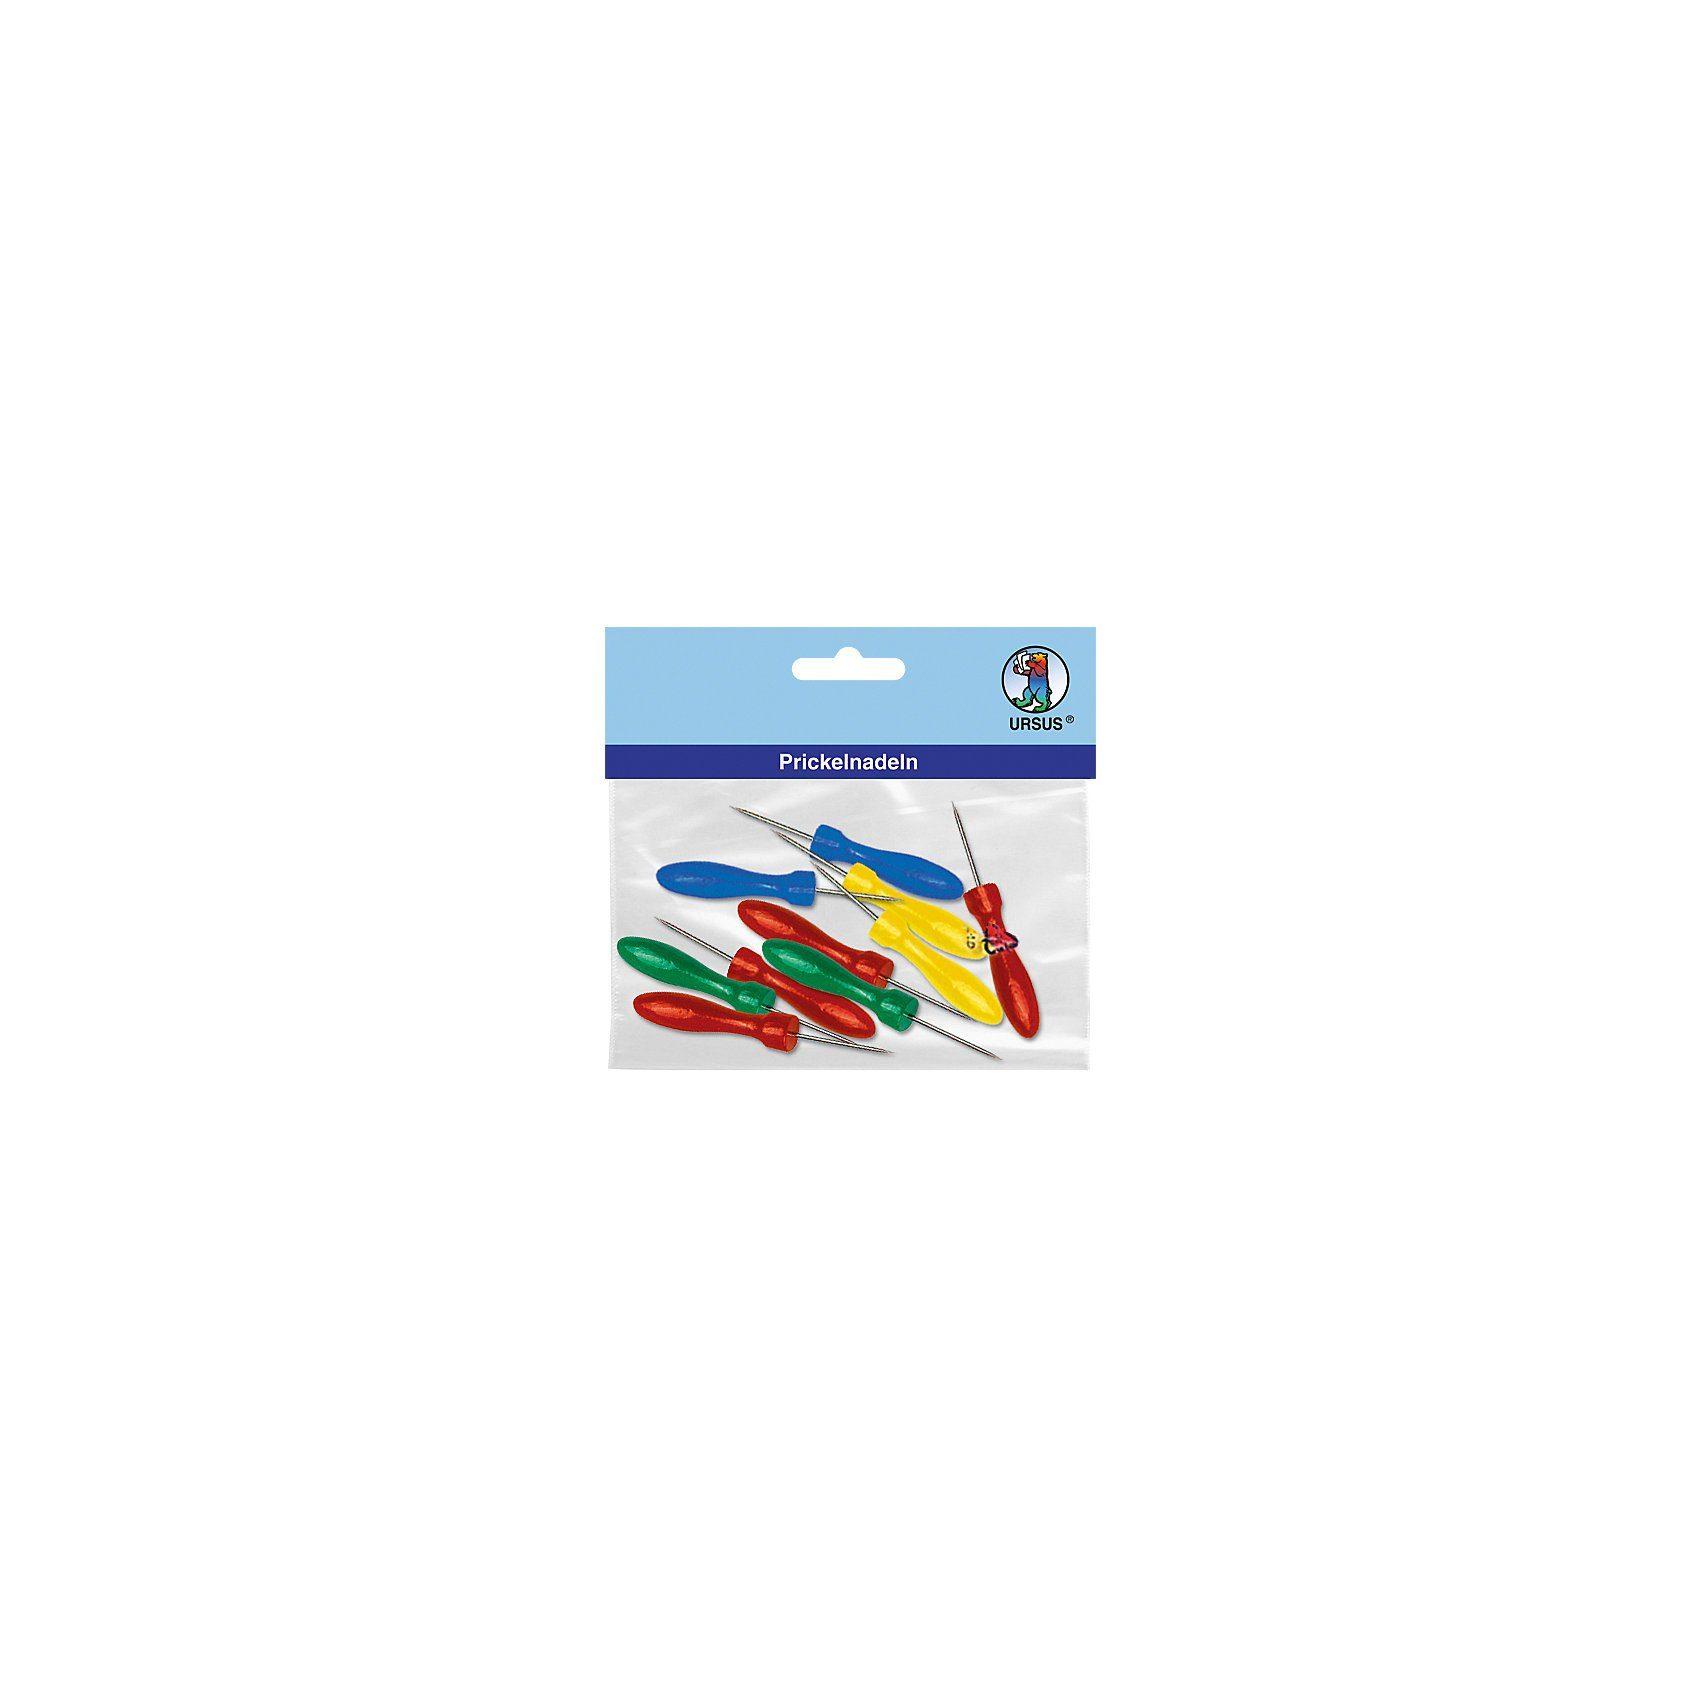 URSUS Filz-Prickelnadeln, 10 Stück